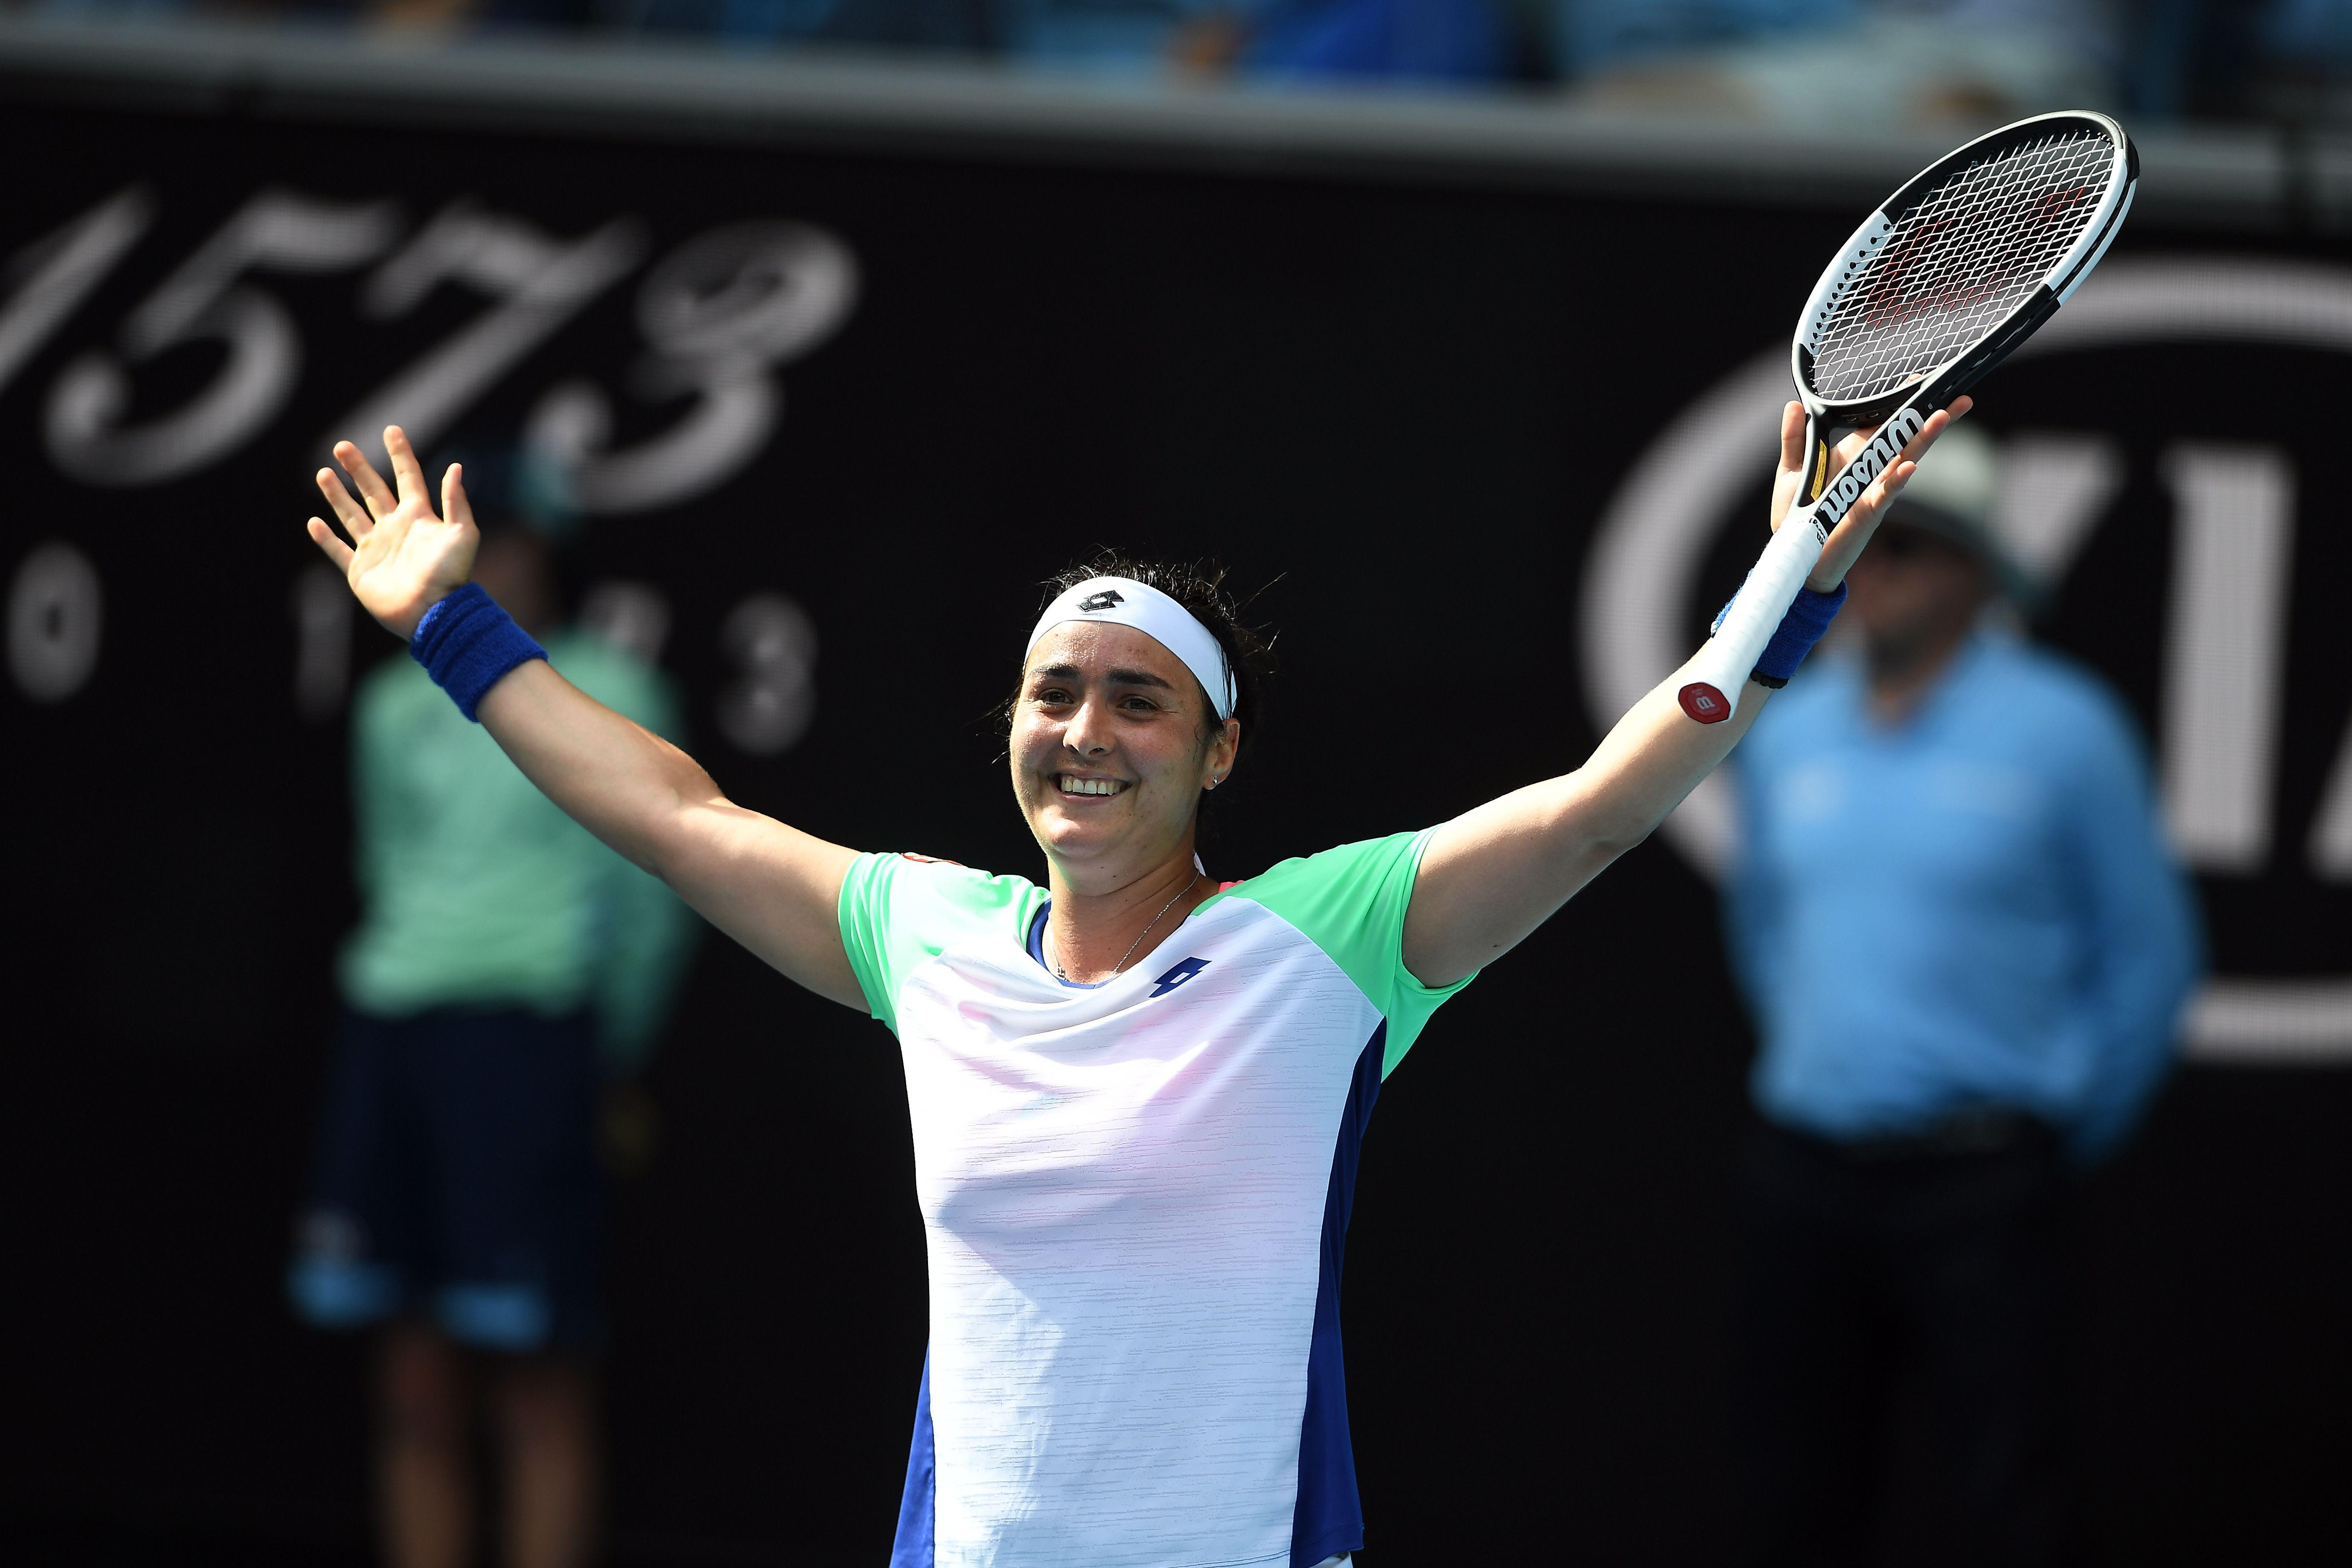 Tennis - Open Australie - Ons Jabeur, la belle histoire tunisienne